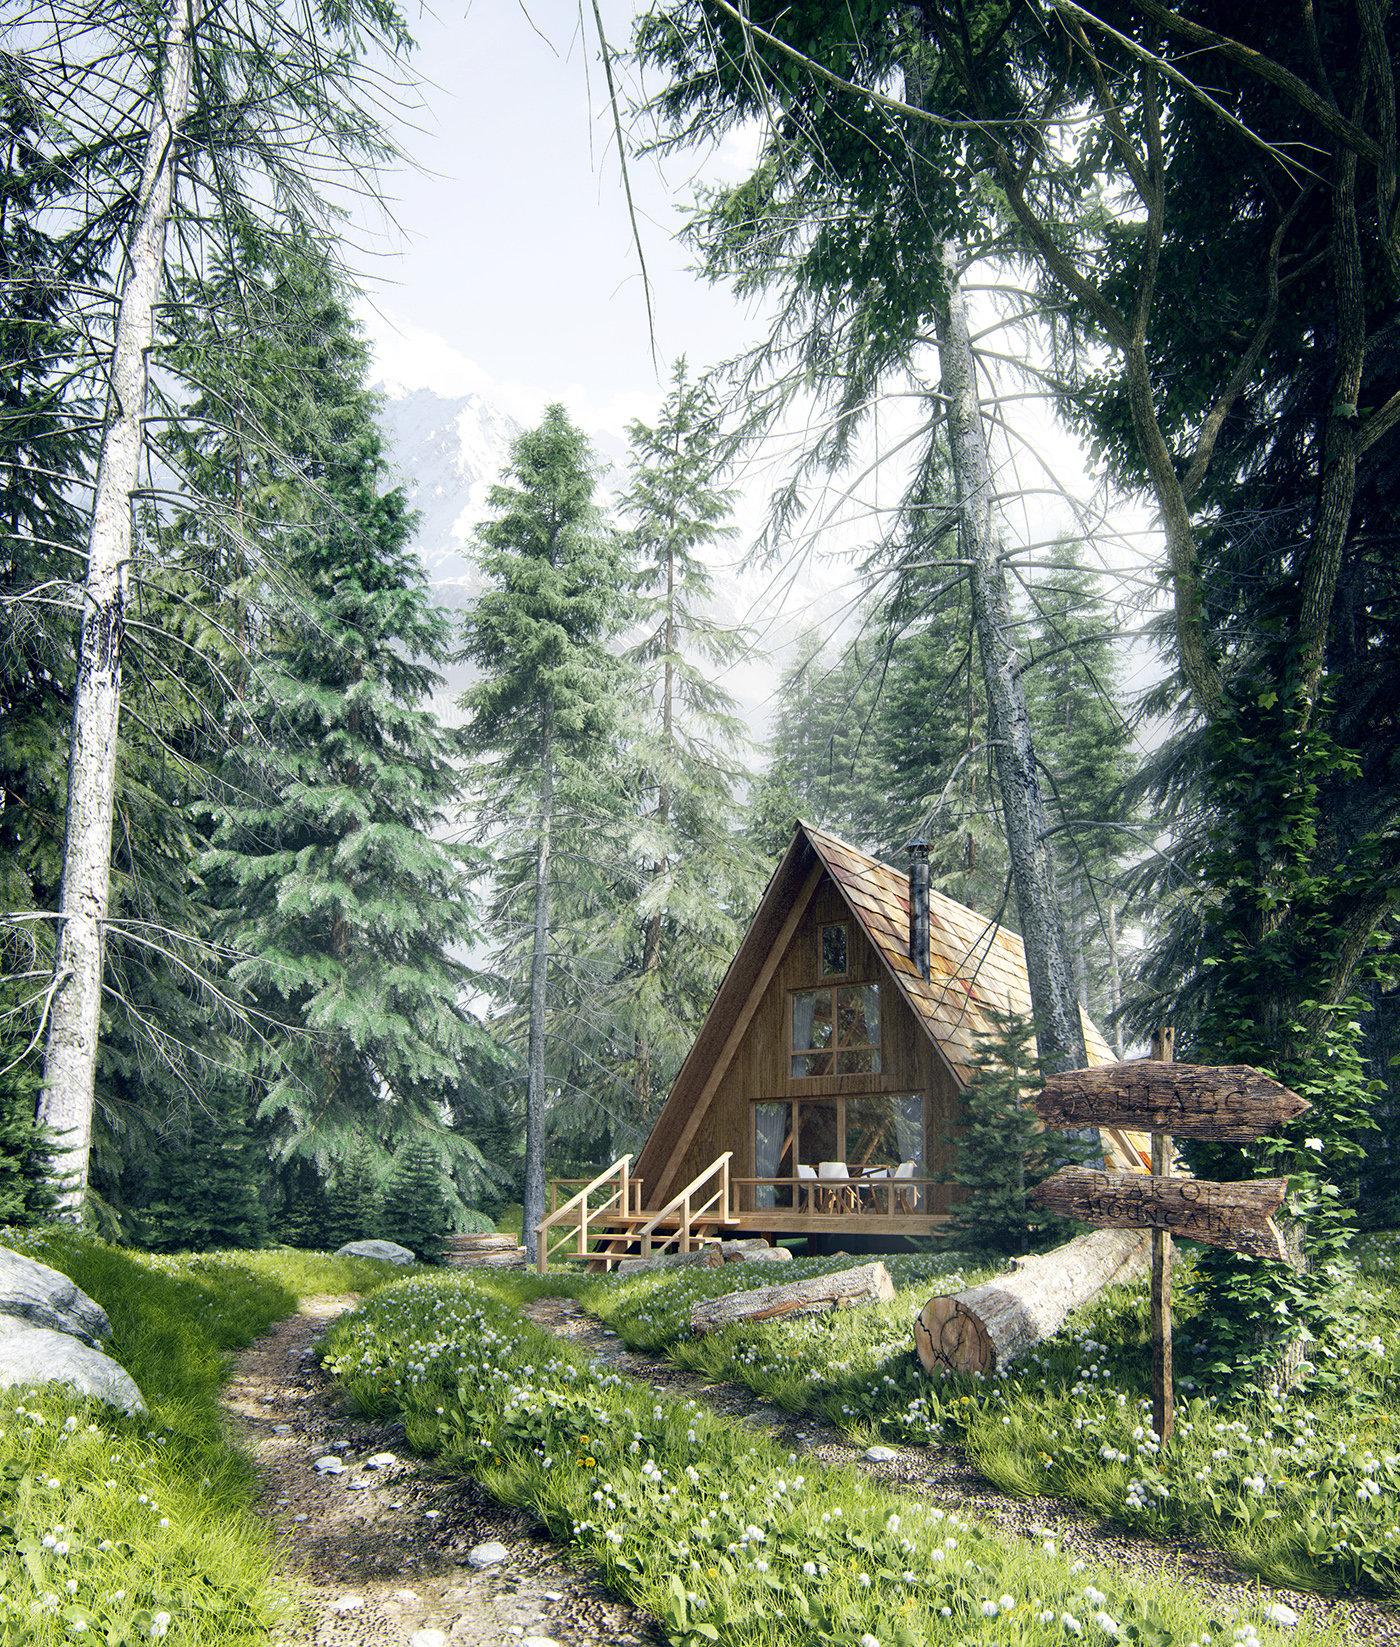 Romuald chaigneau forest house jour vue1 redim